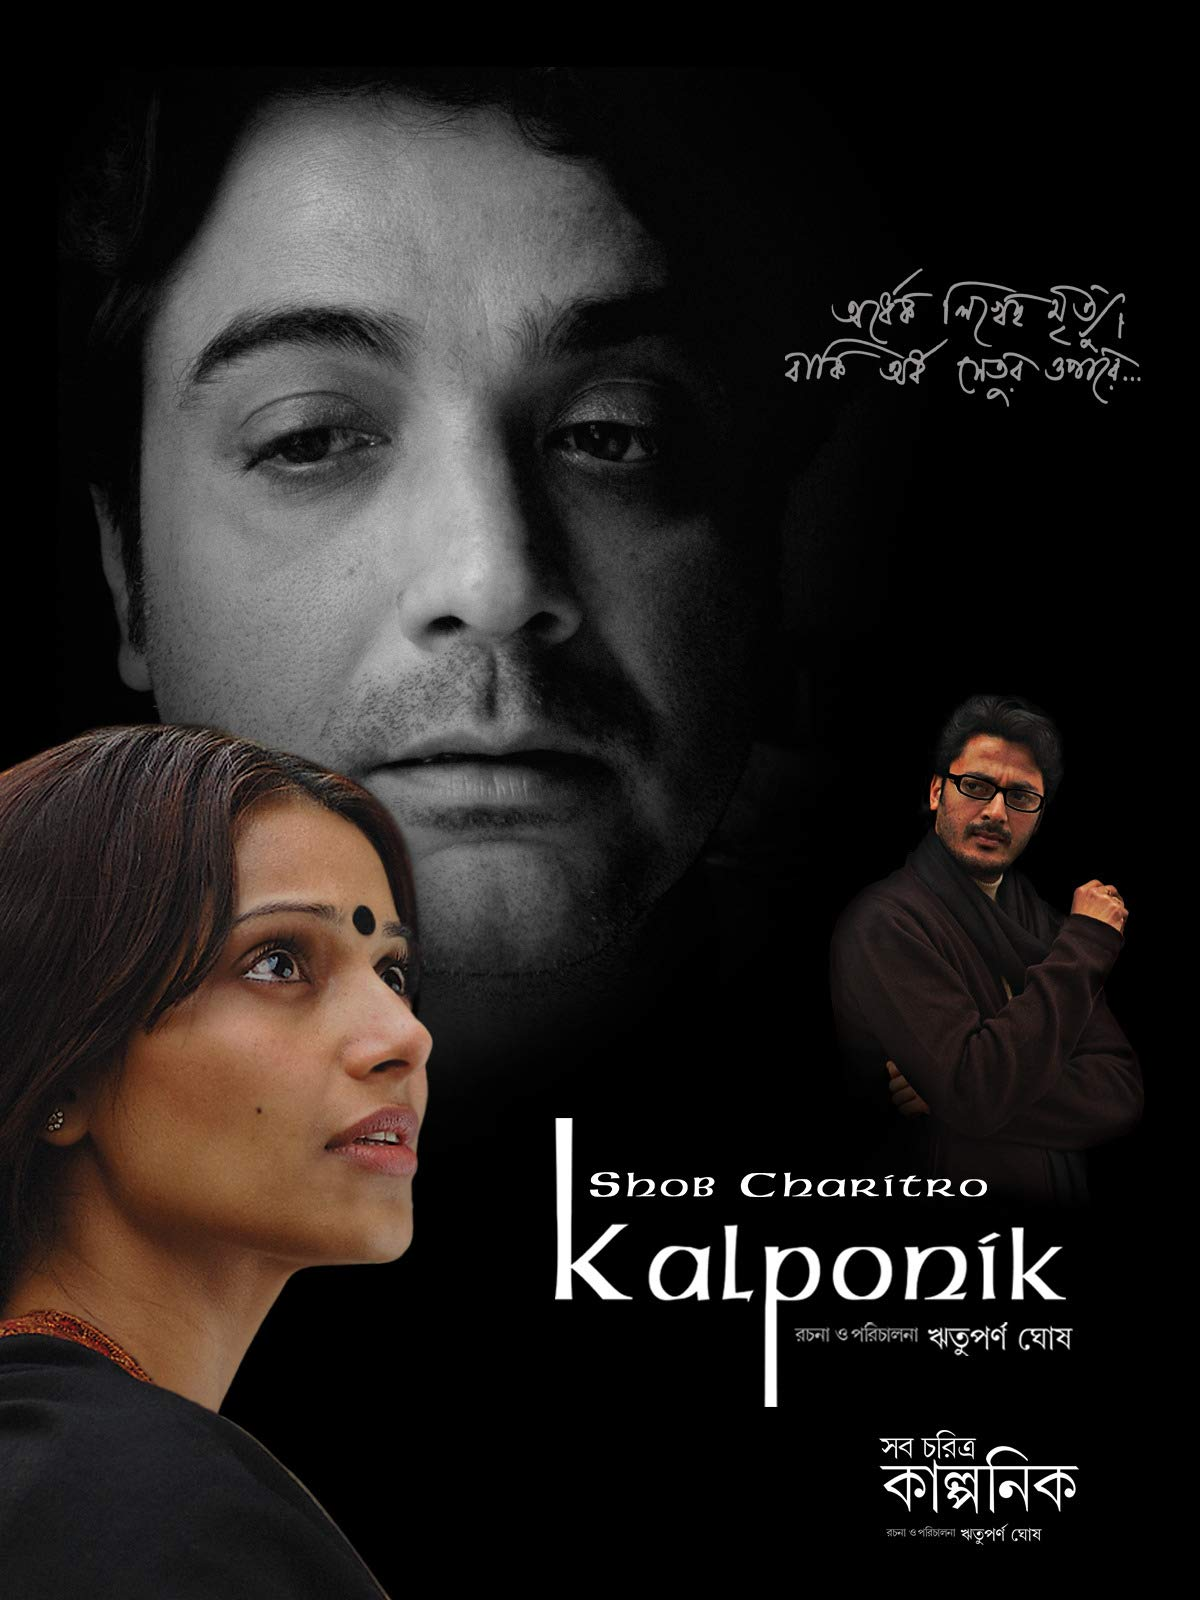 Shob Charitro Kalponik